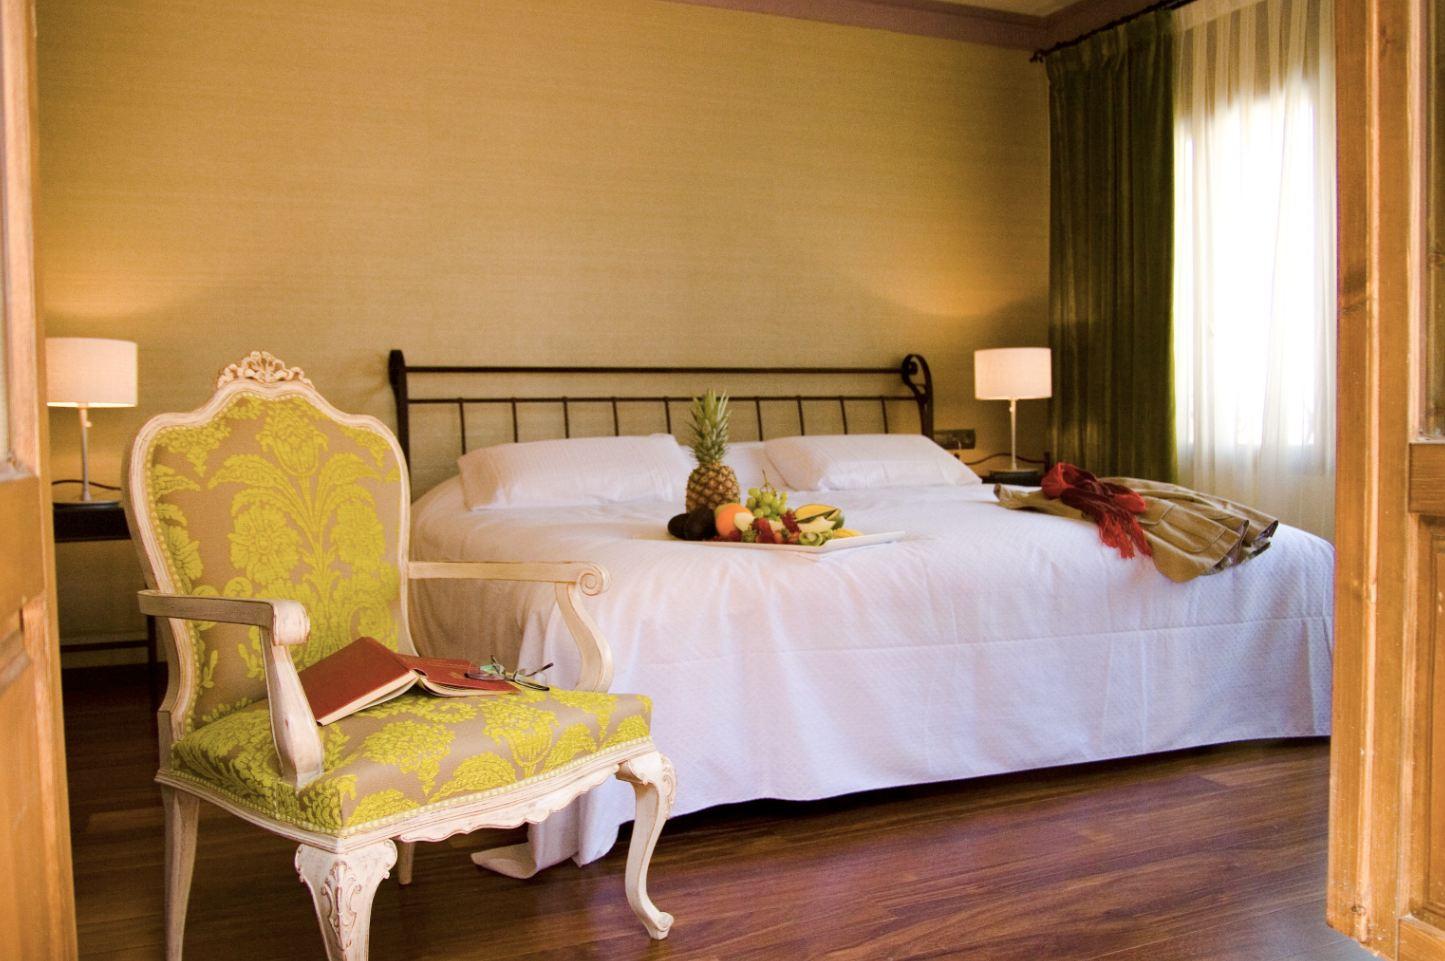 Hoteles con encanto hotel castillo de ayud calatayud - Castillo de ayud calatayud ...